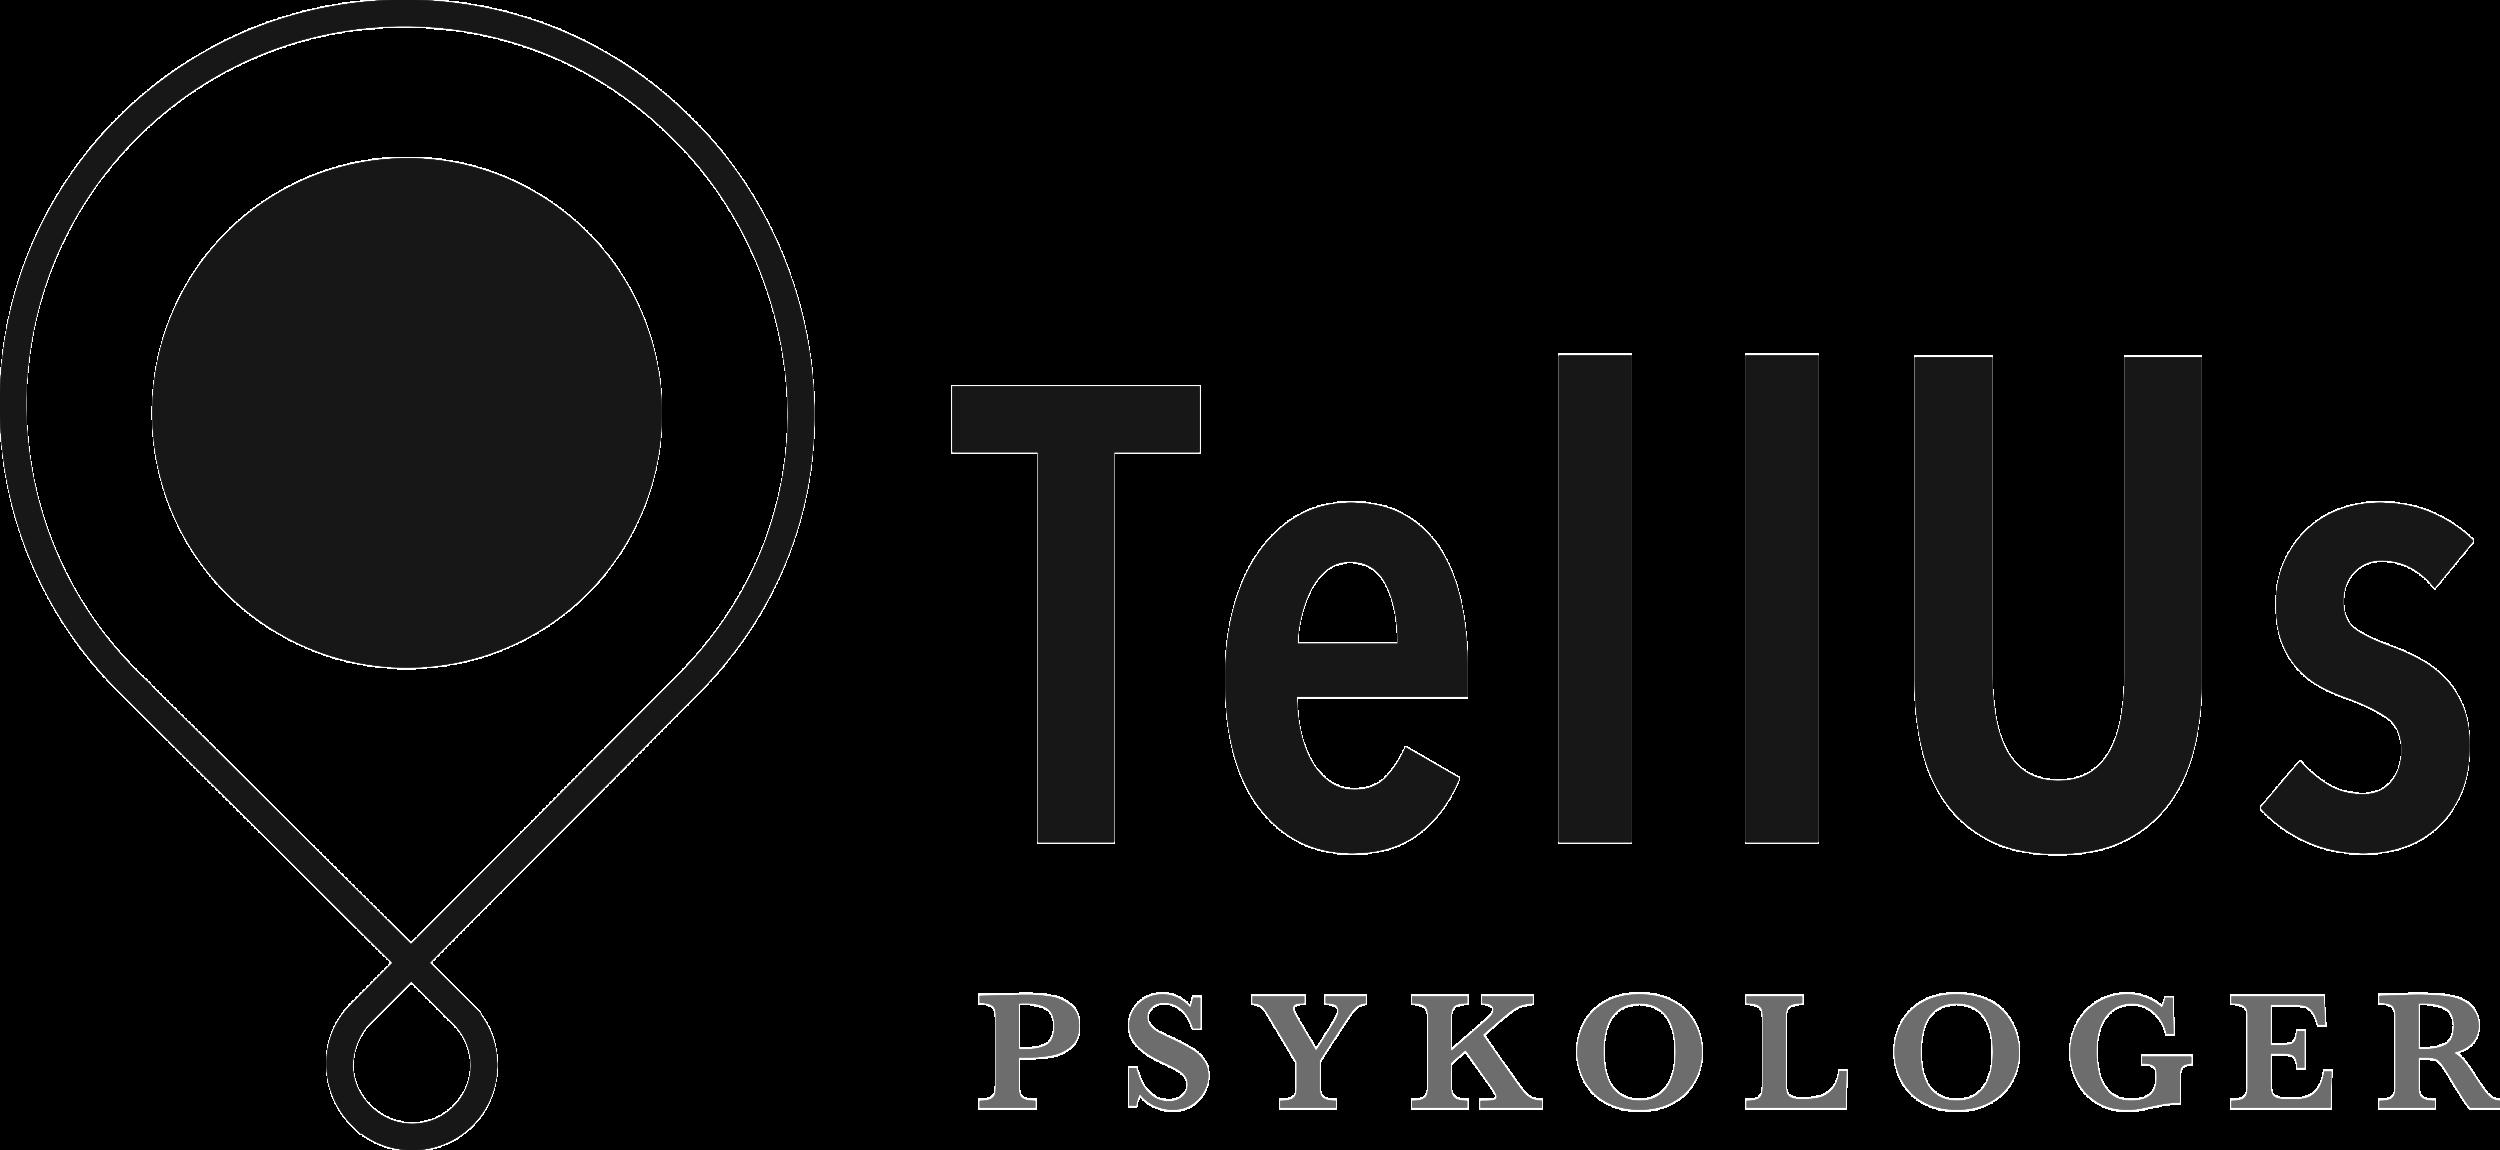 Tellus_logo.png